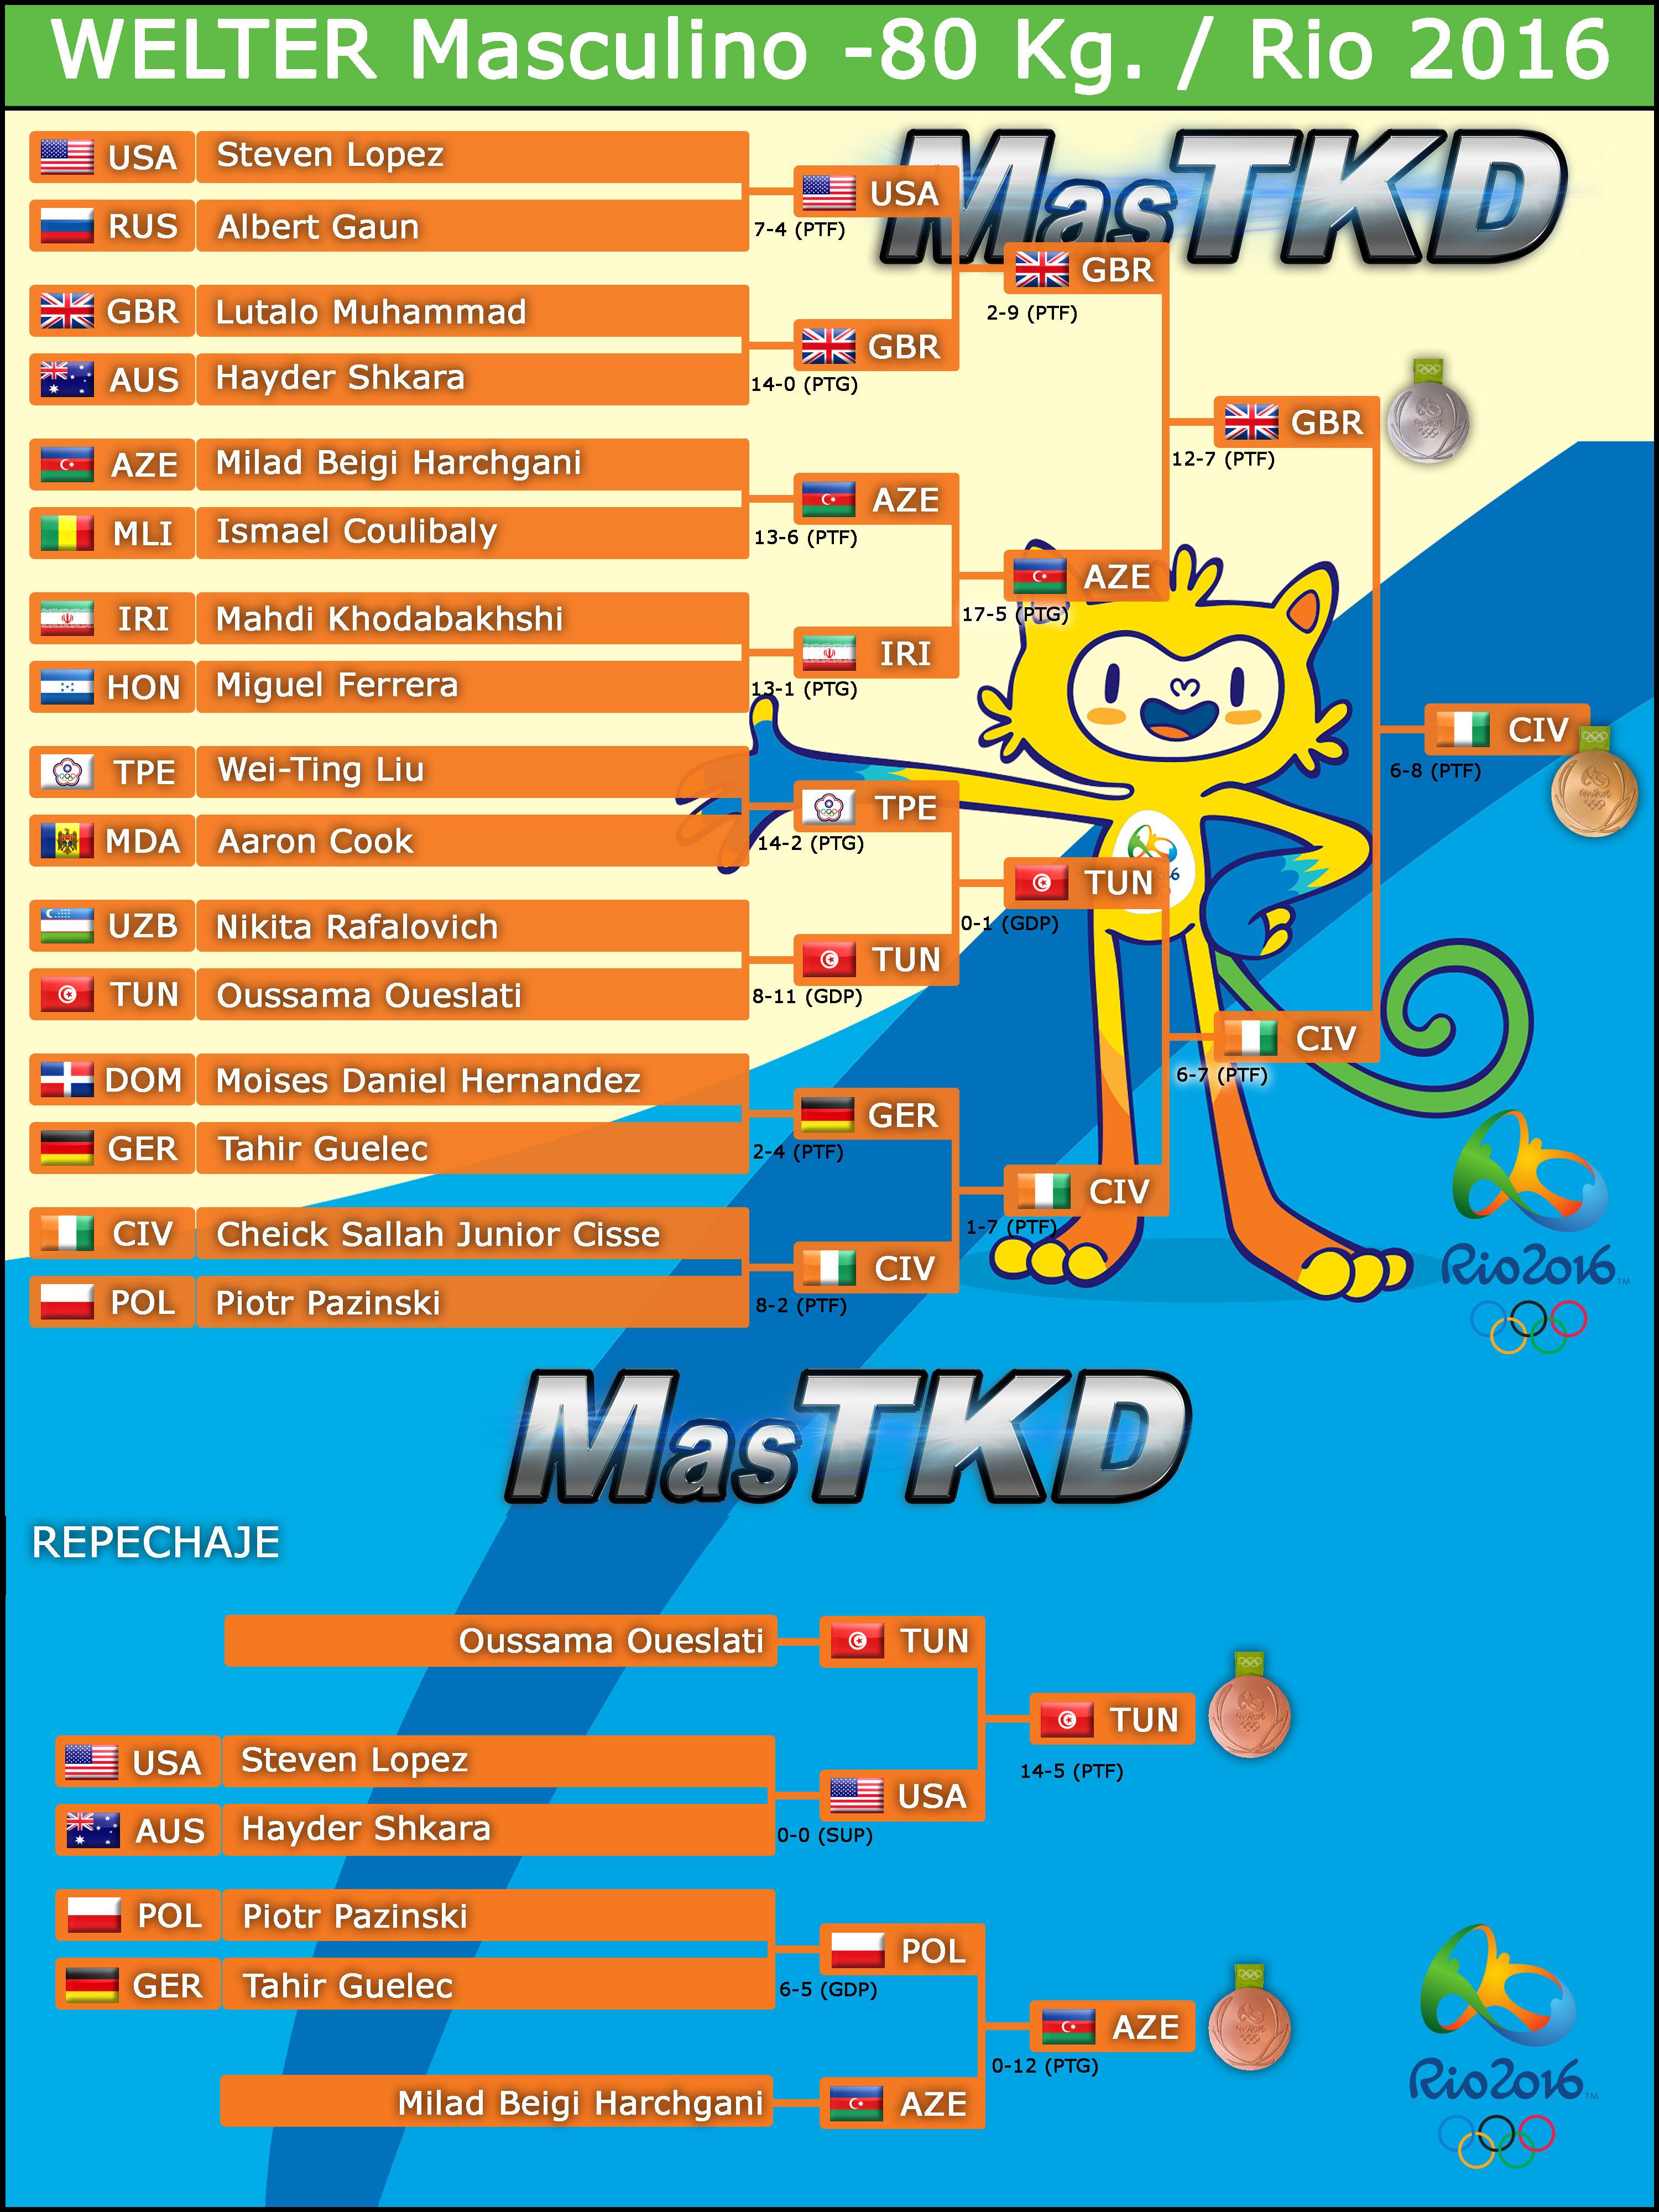 20160819_M-80_Graficas-TAEKWONDO-Rio2016_Resultado_FINAL